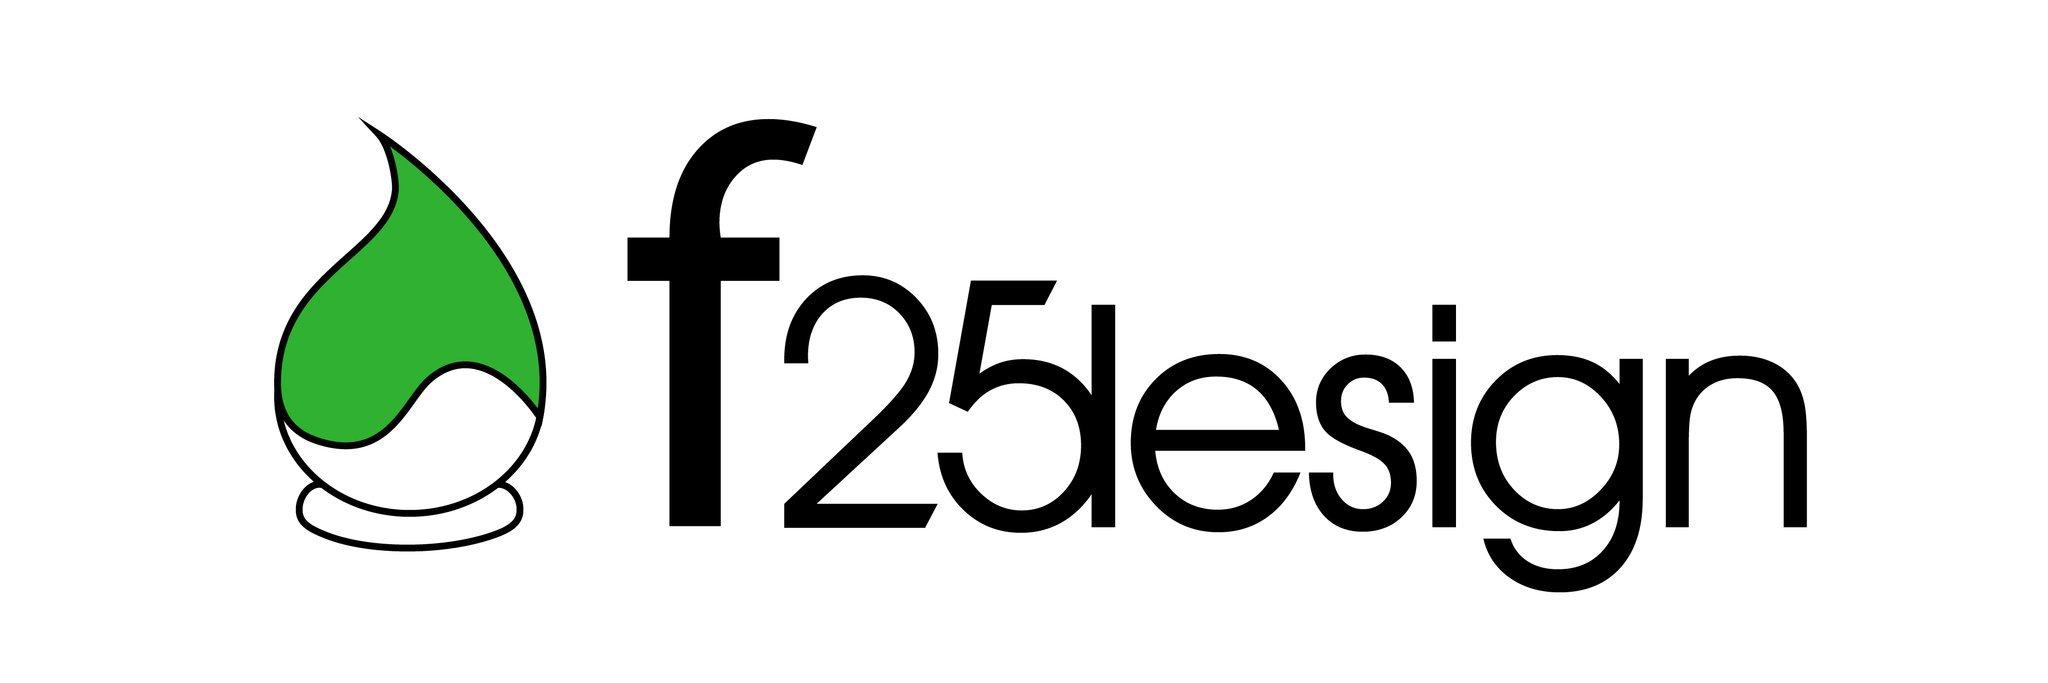 F 25 Design